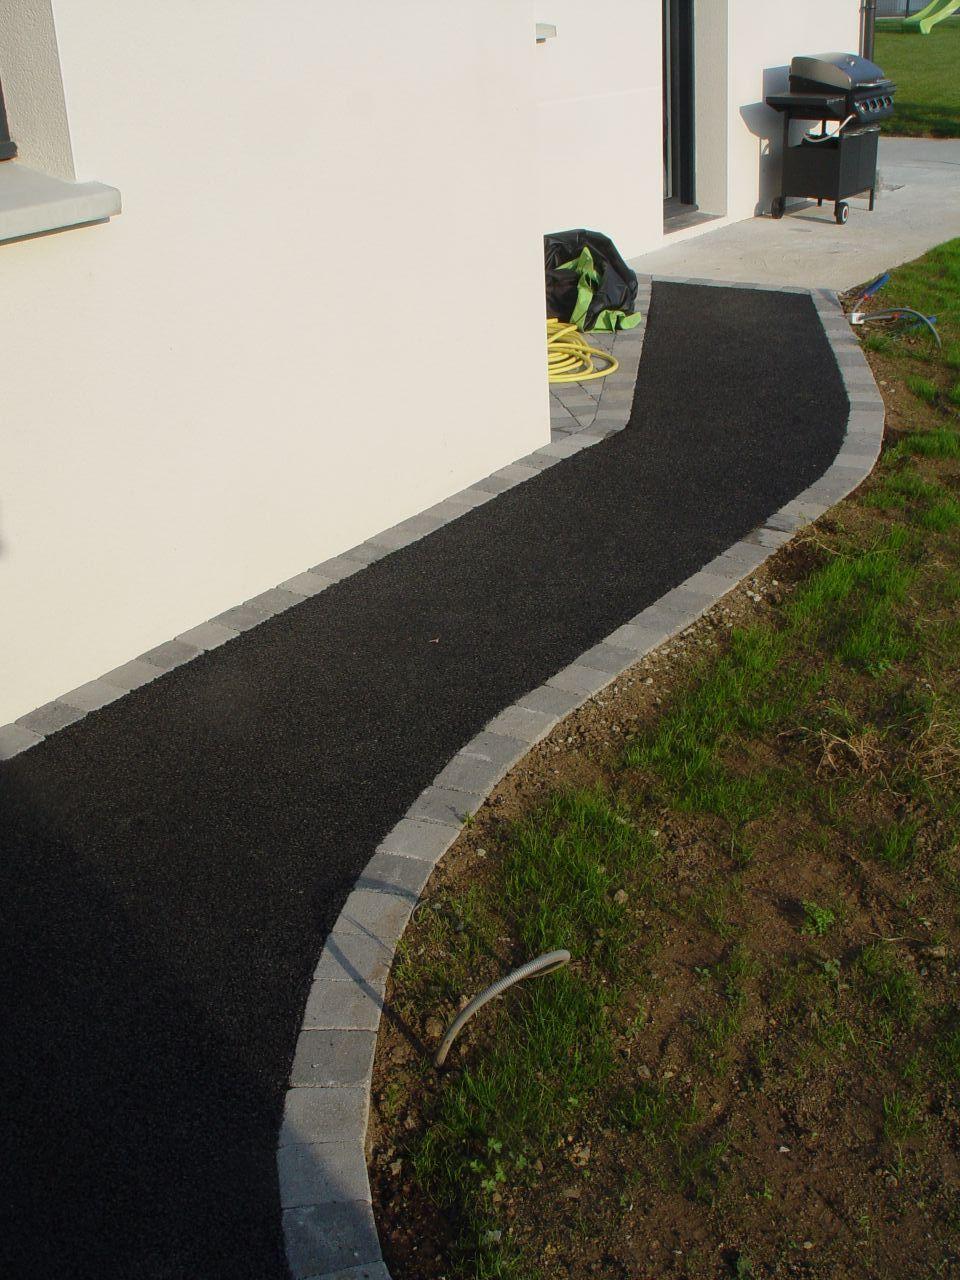 petit chemin arriere avec pavee bitume bient t chez nous congalic dans notre maison bbc. Black Bedroom Furniture Sets. Home Design Ideas